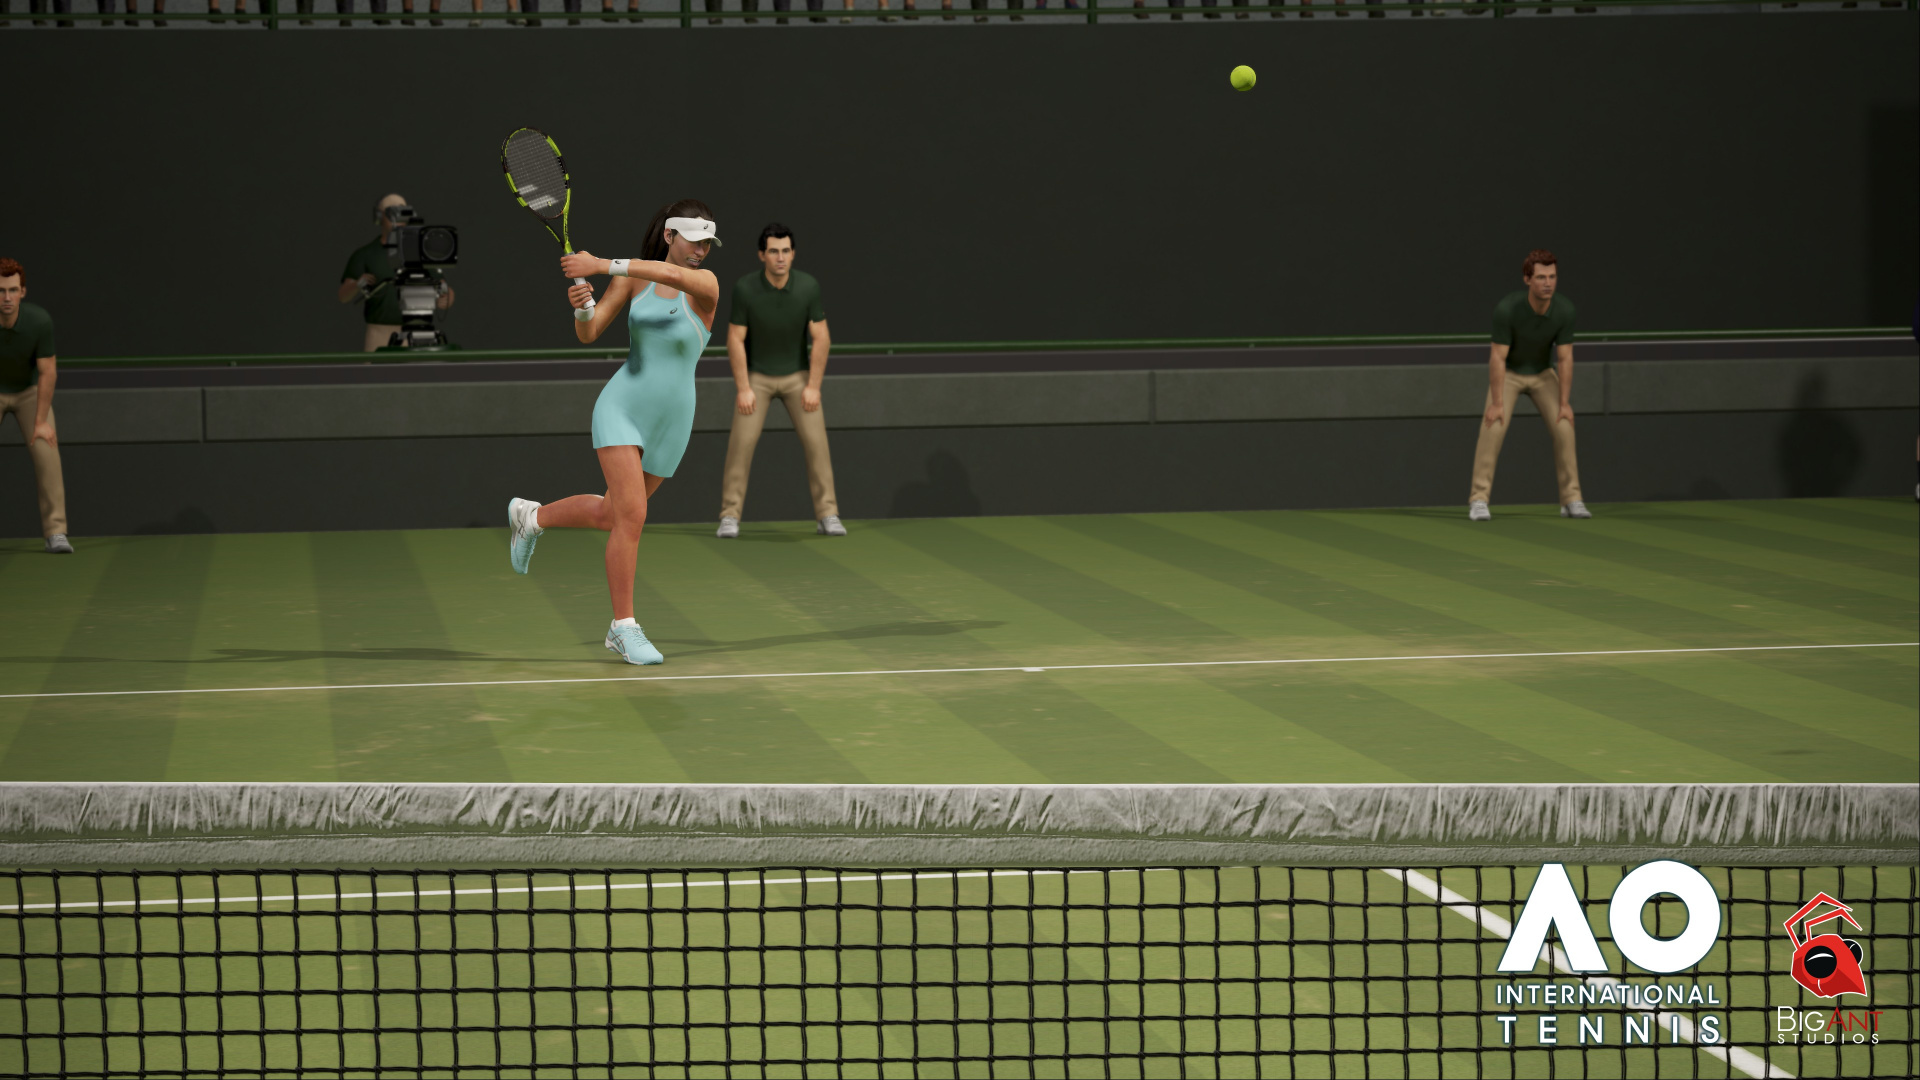 tennis spil til ps4